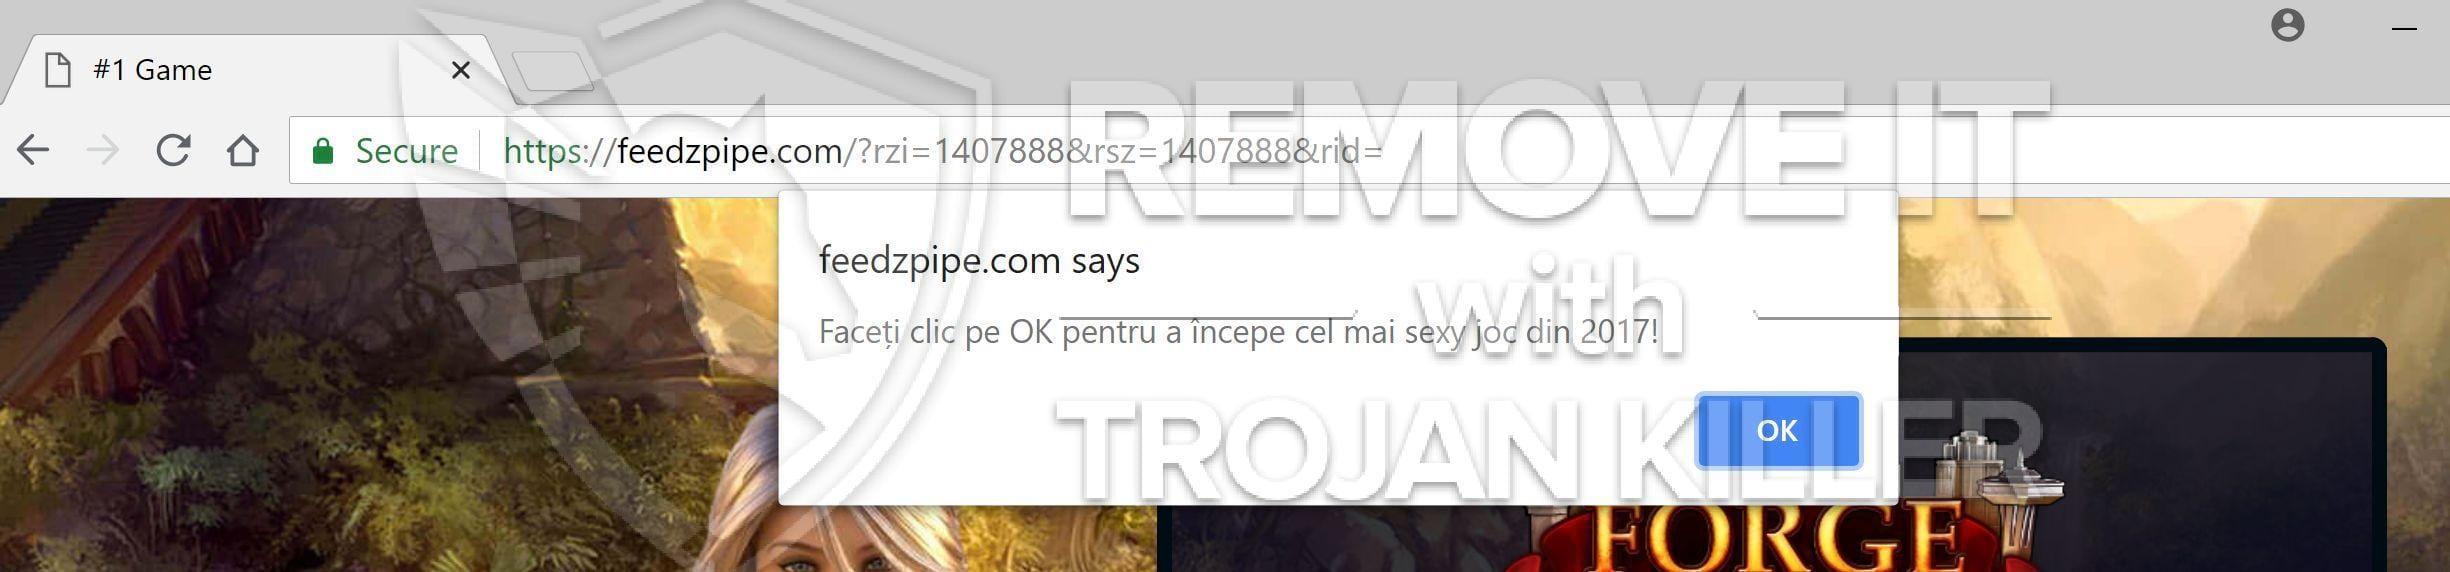 Feedzpipe.com virus